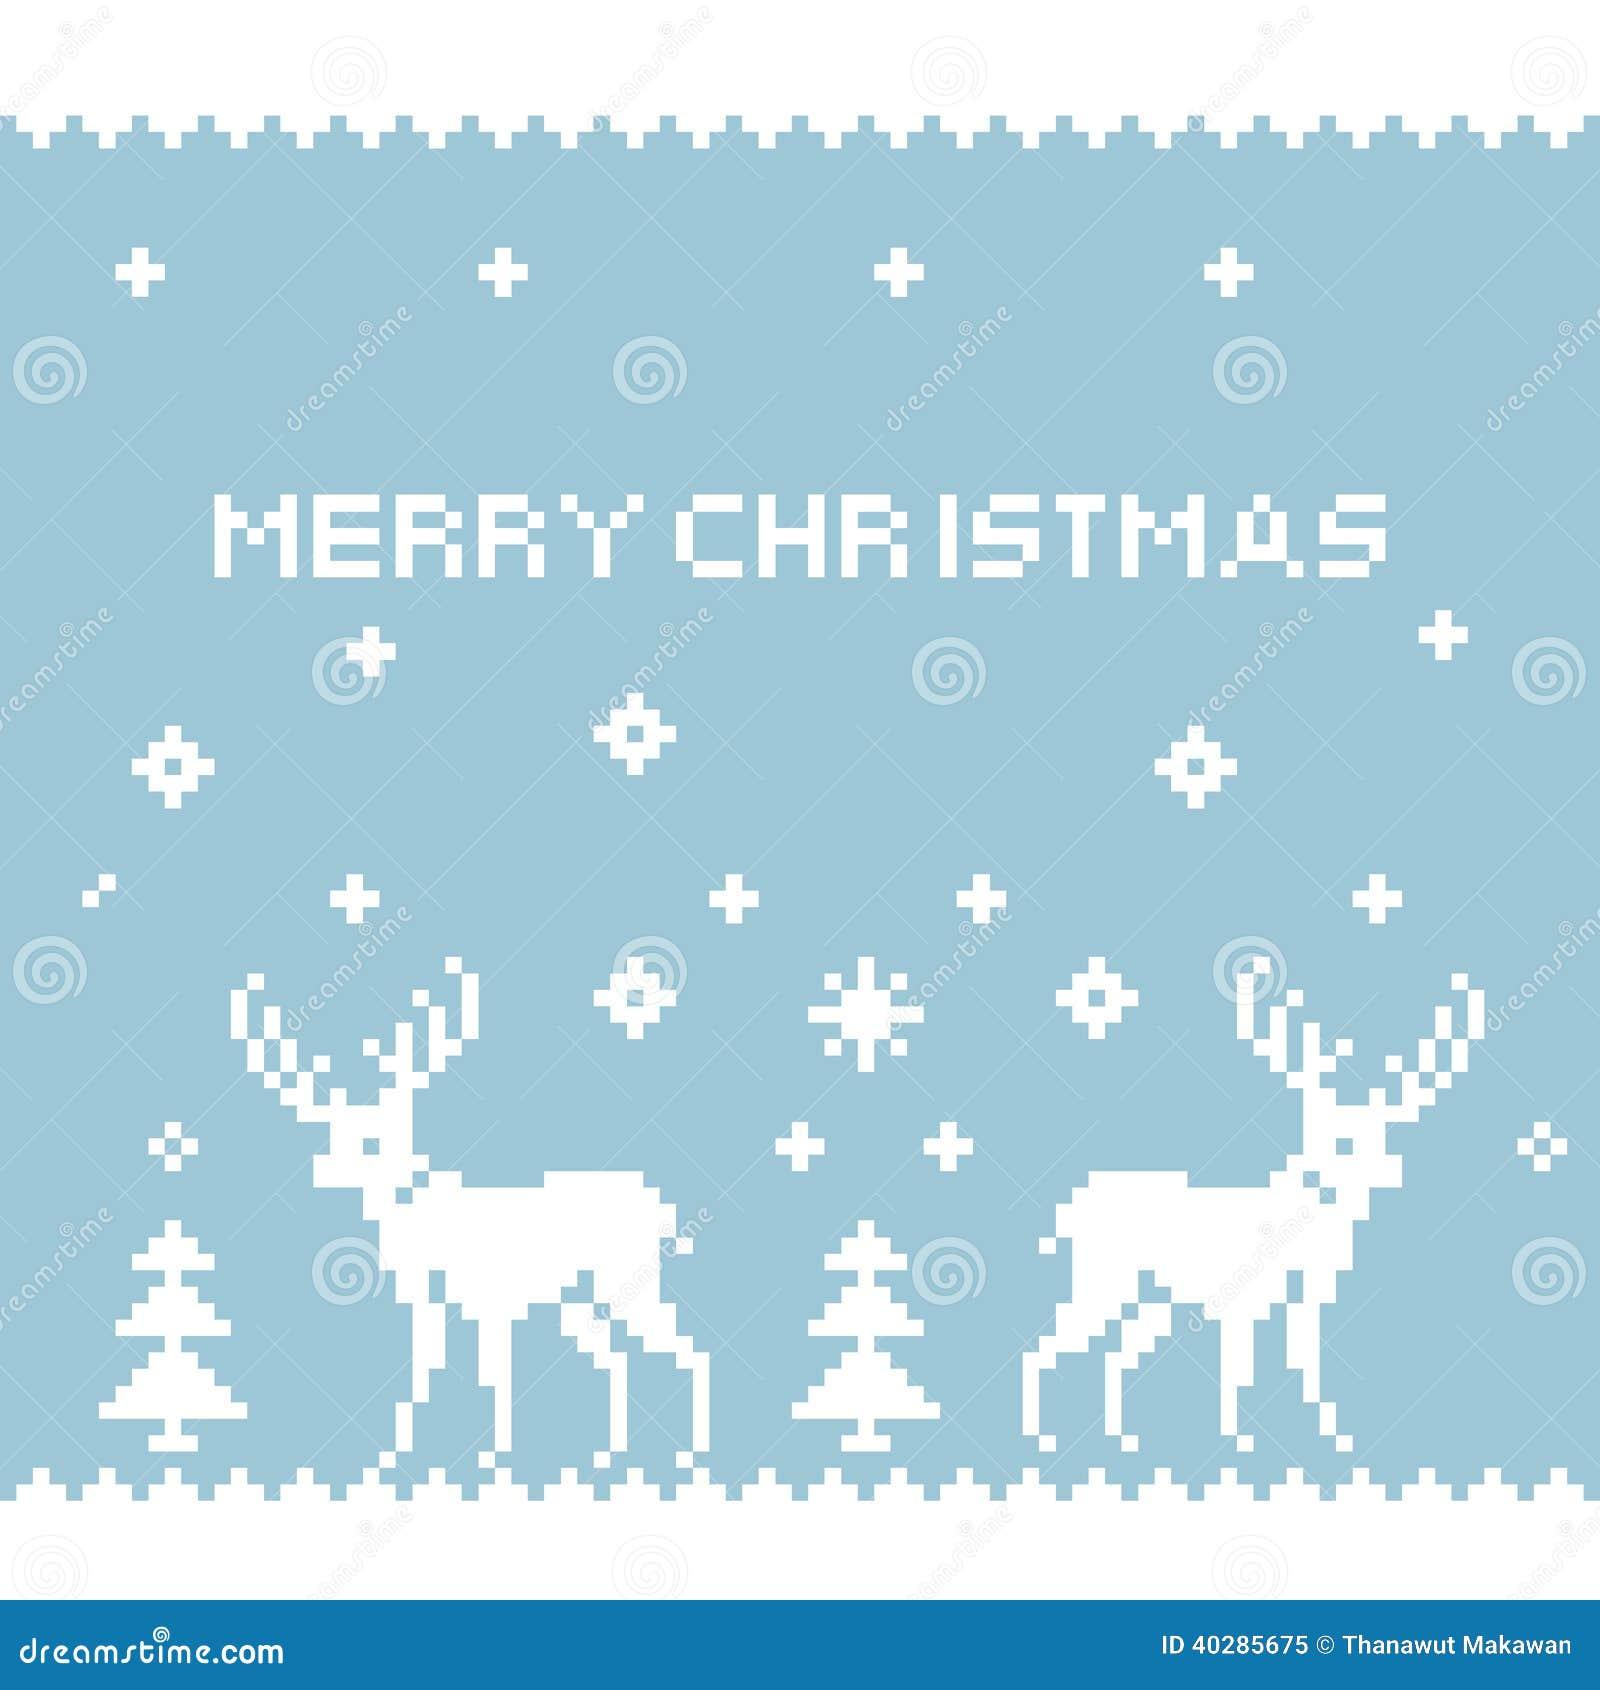 deer pixel art stock vector  image of decoration  pattern